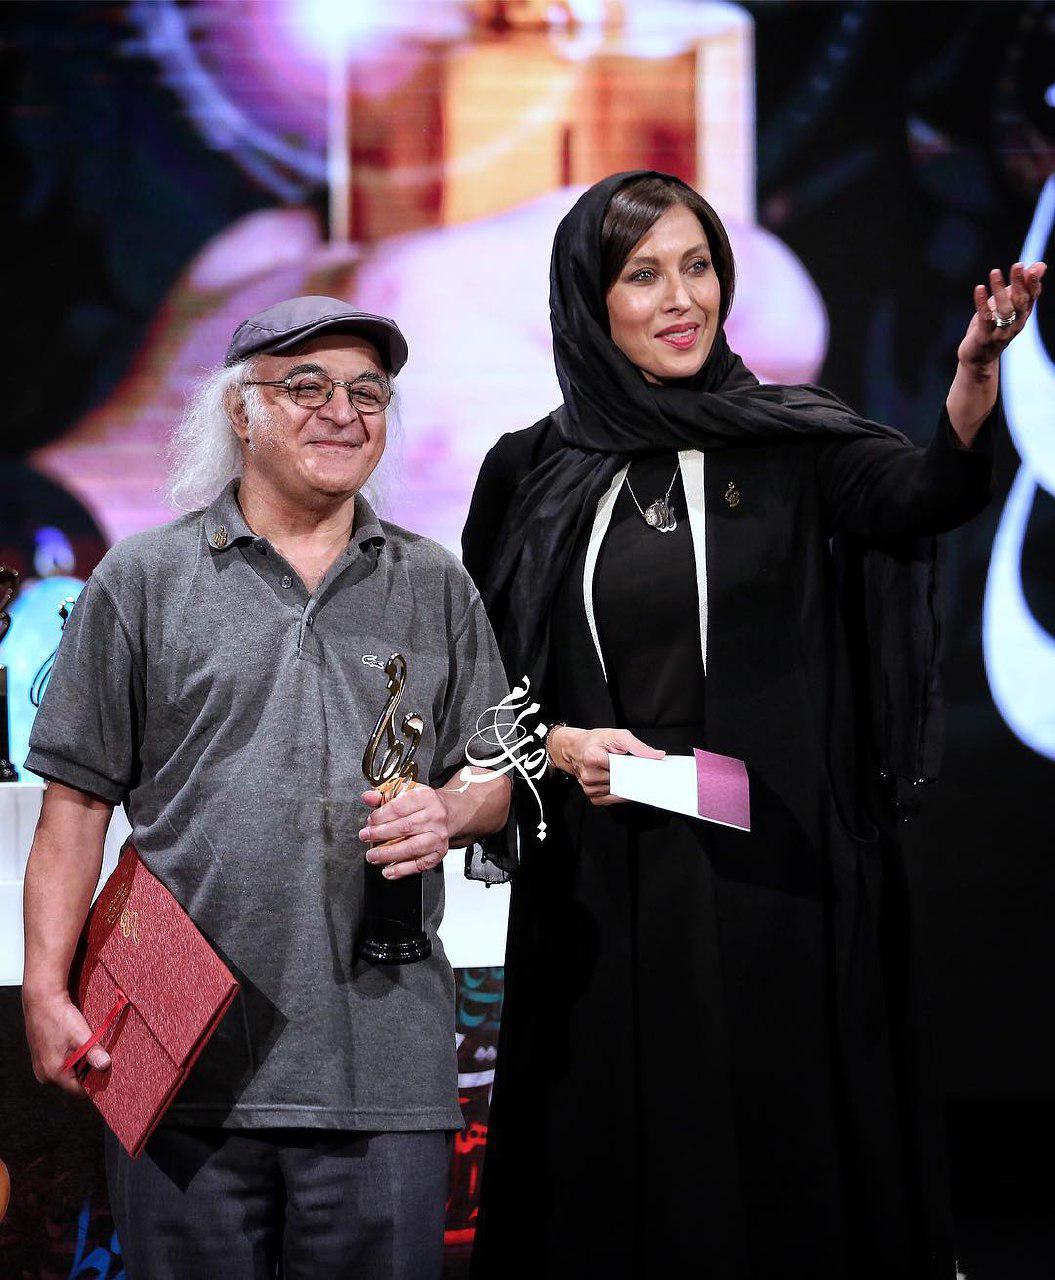 فریدون جیرانی، نویسنده و کارگردان سینما و تلویزیون - عکس جشنواره به همراه مهتاب کرامتی